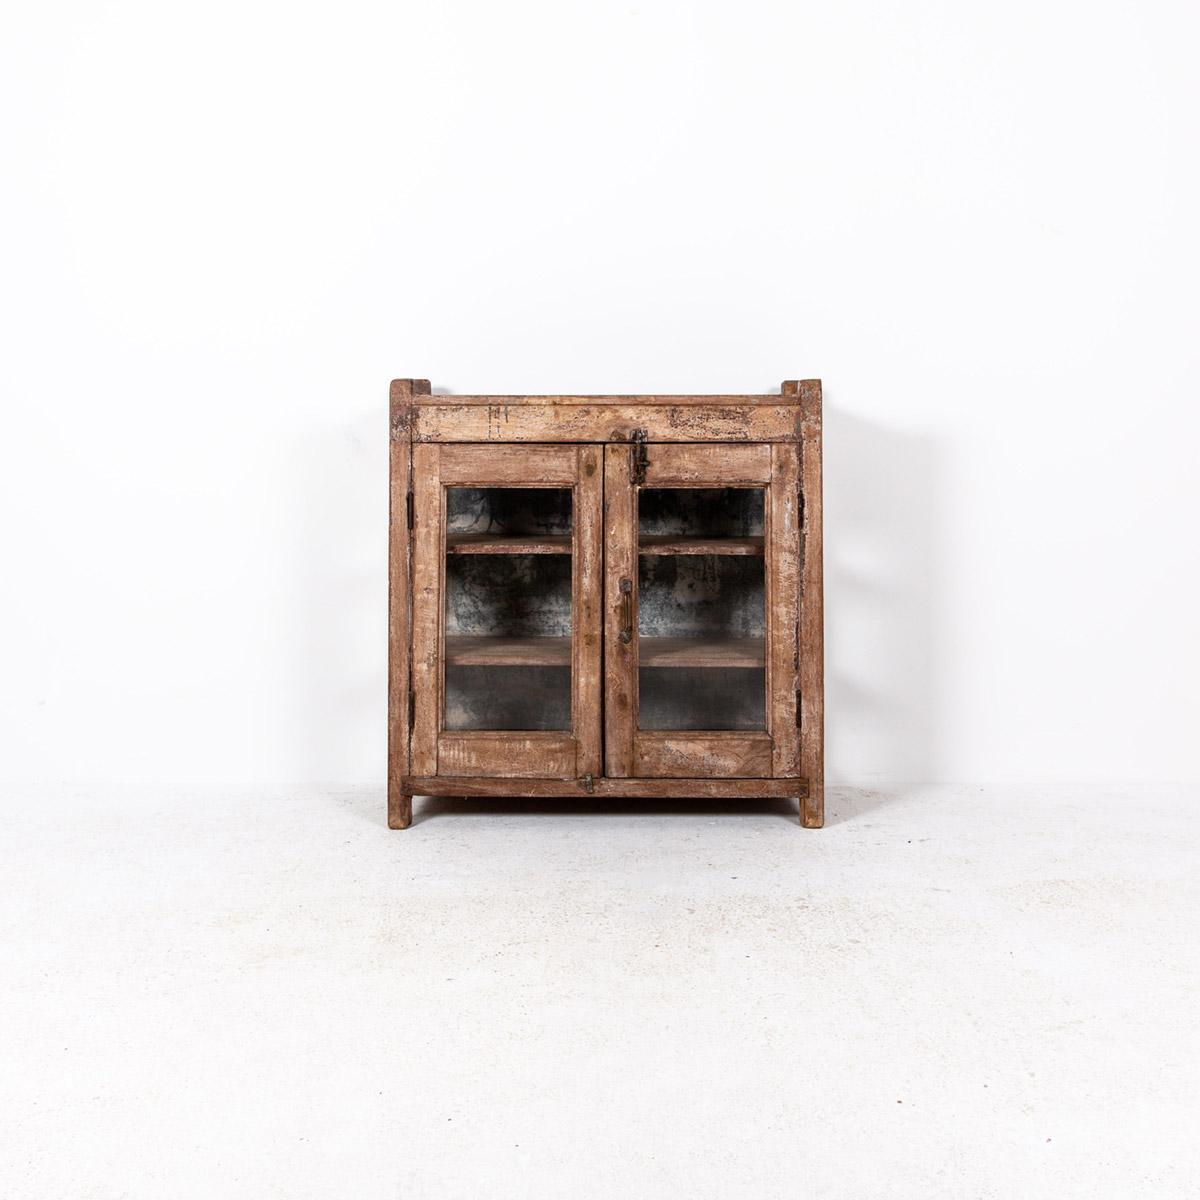 Lage-oude-glazen-kast-2-deuren-bruin-4